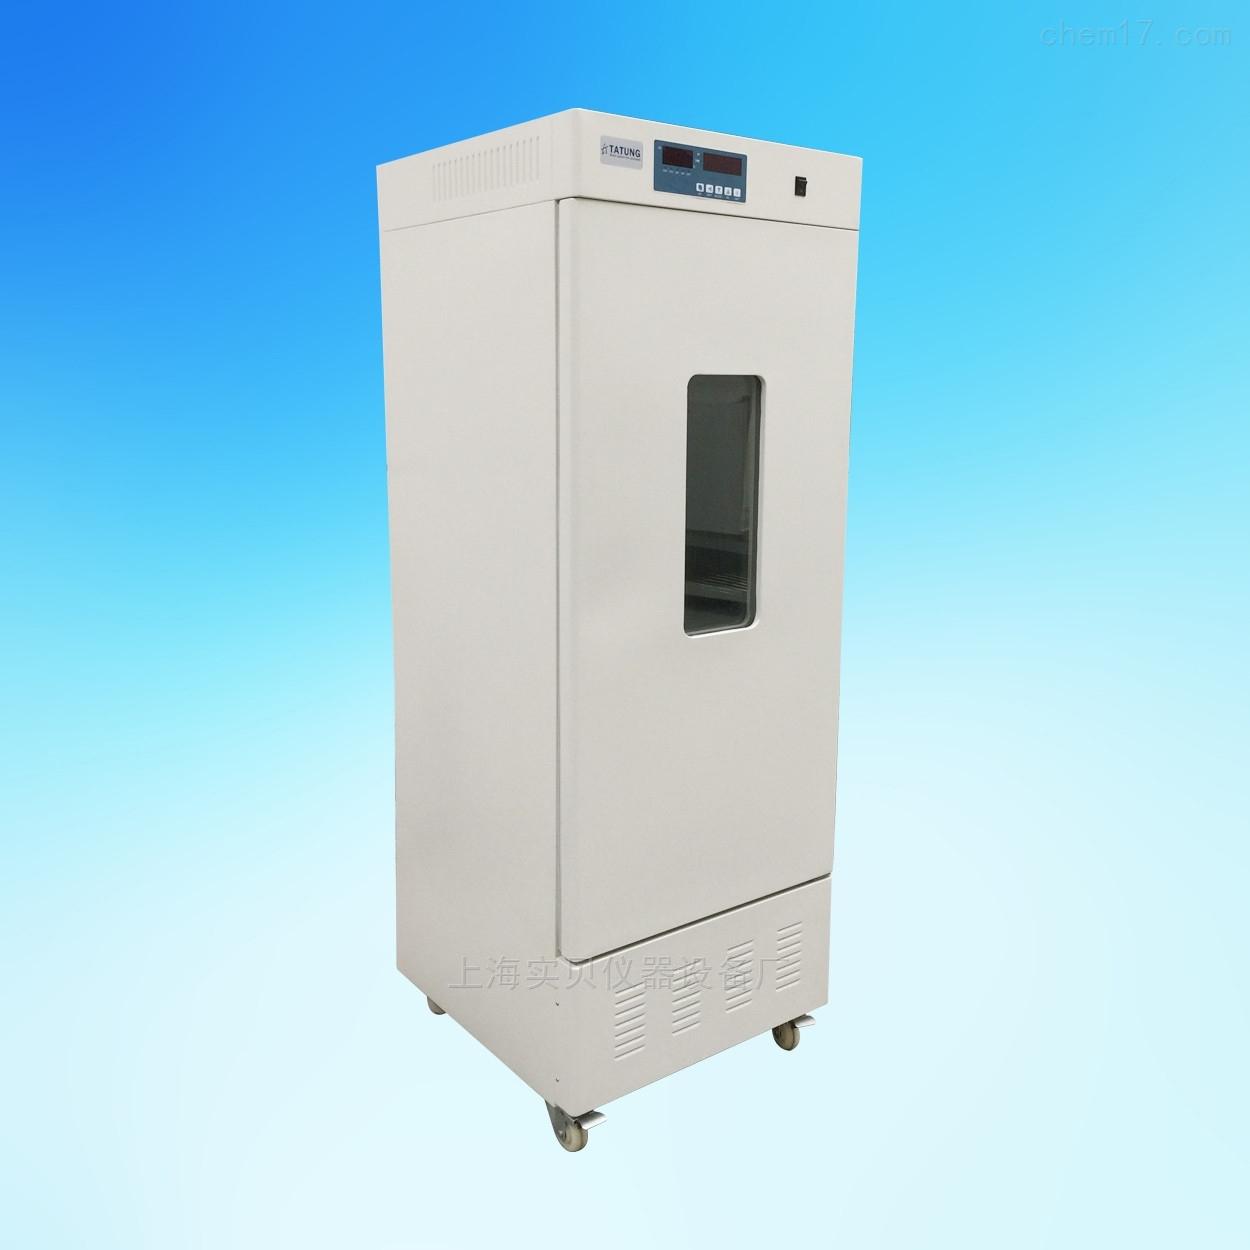 BOD生物低温恒温生化培养箱